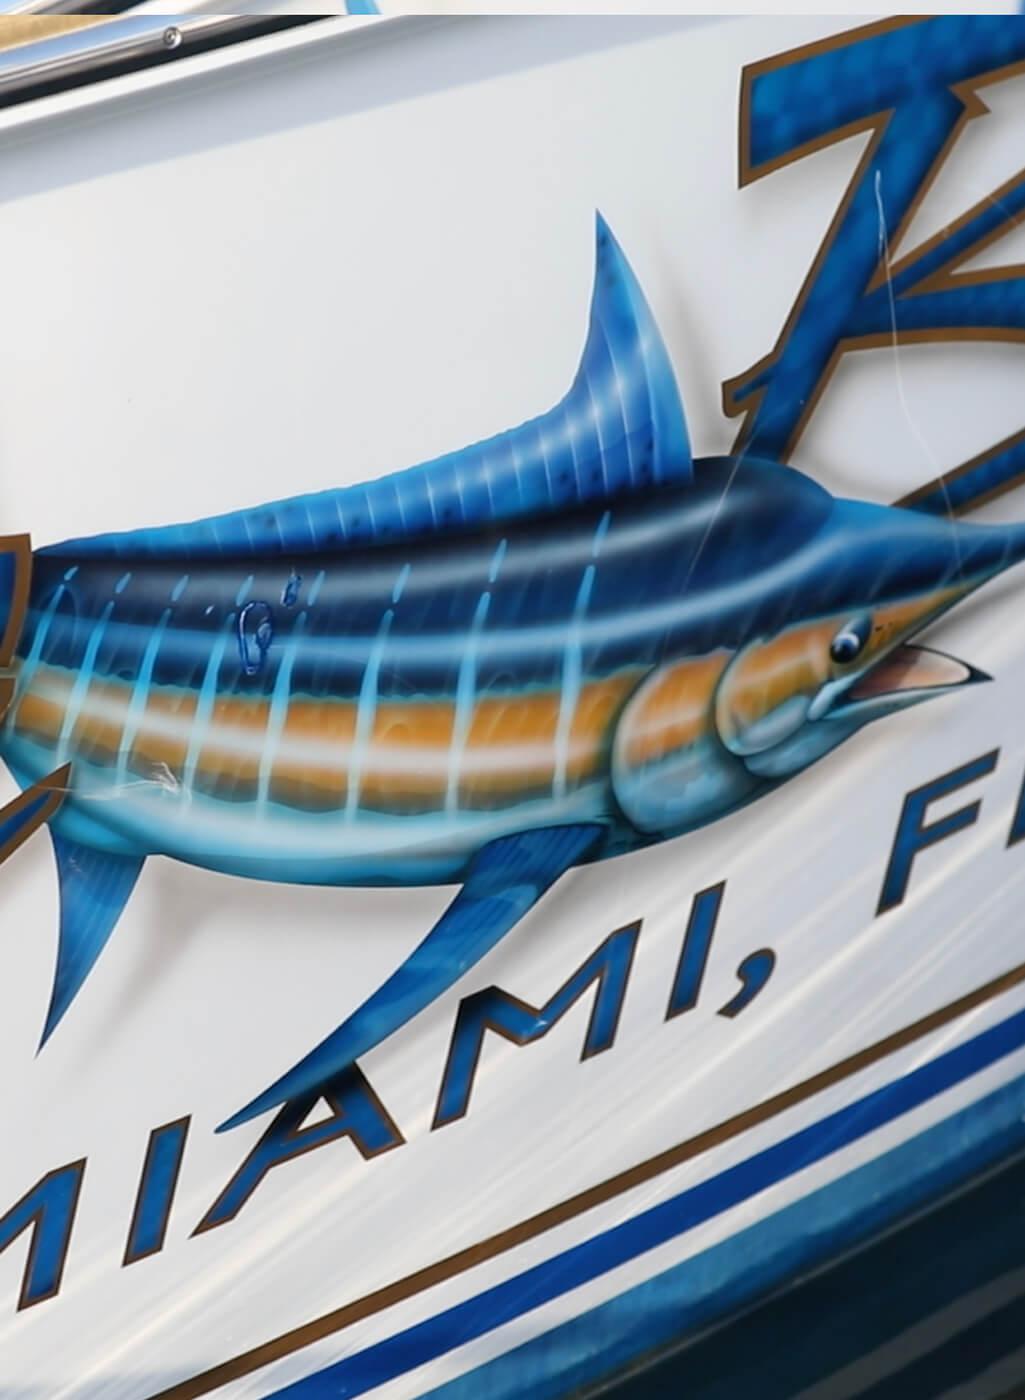 Da Bait Miami Florida Boat Transom